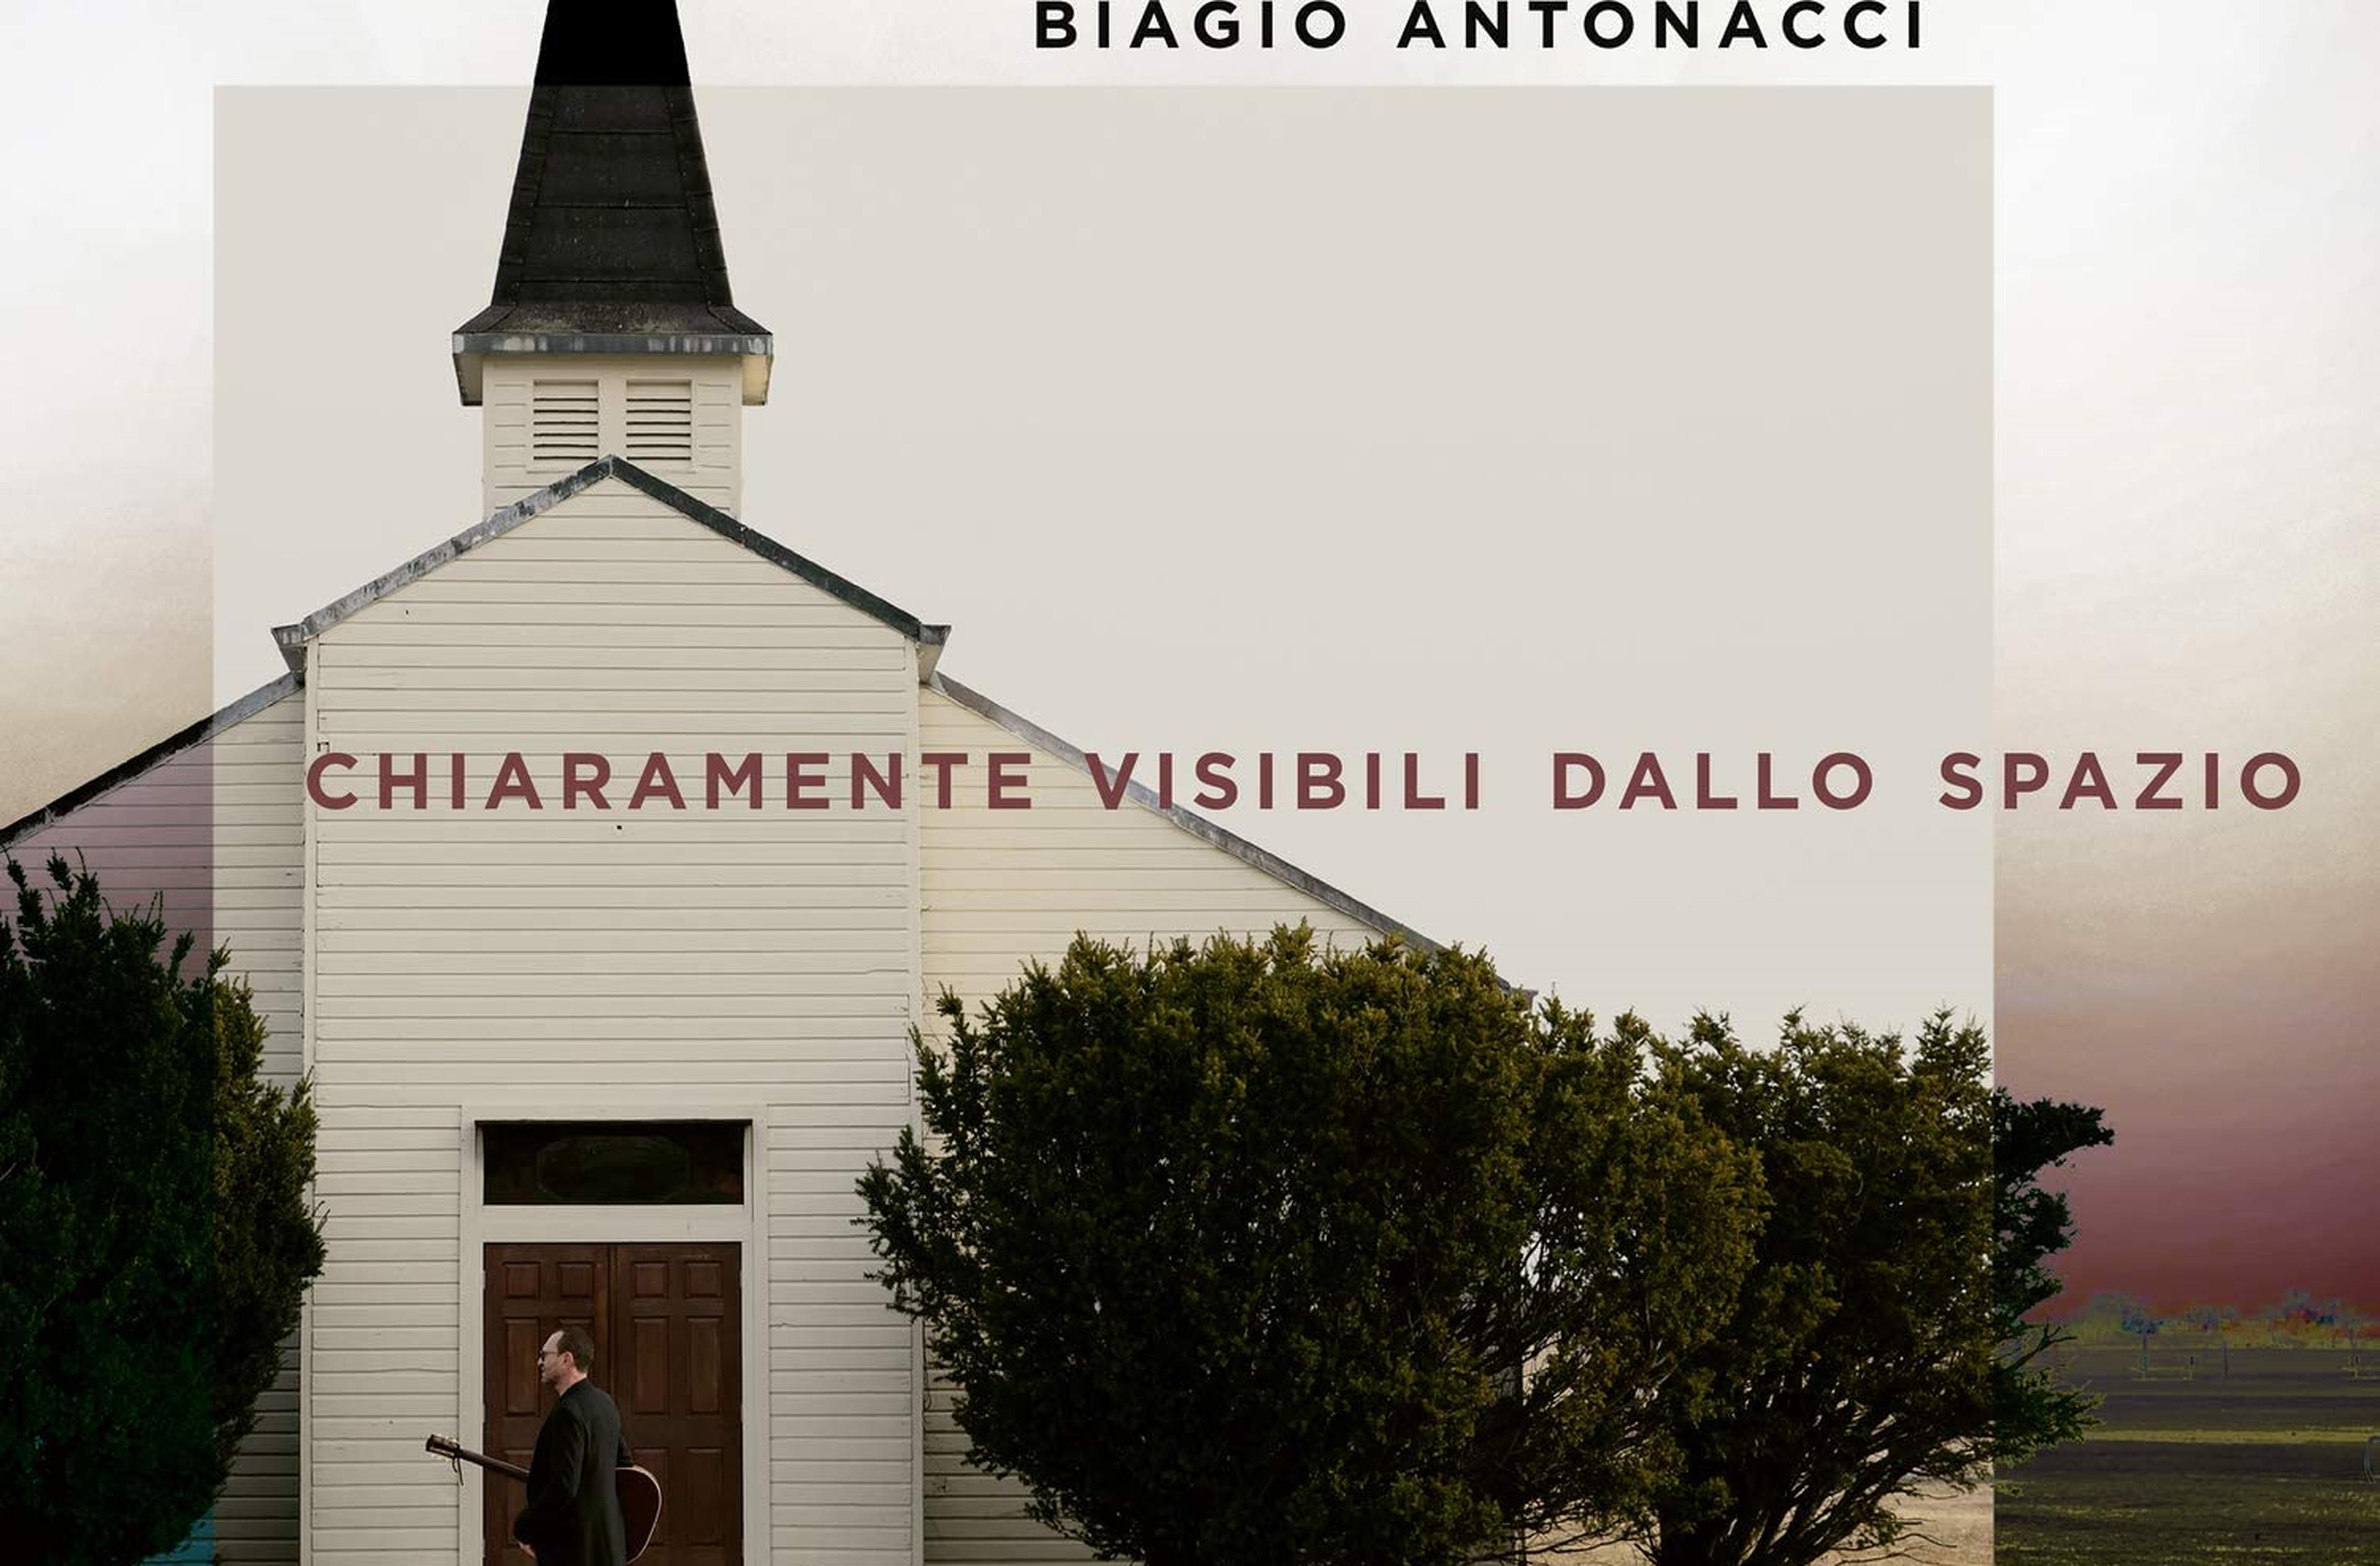 Copertina Frasi Biagio Antonacci